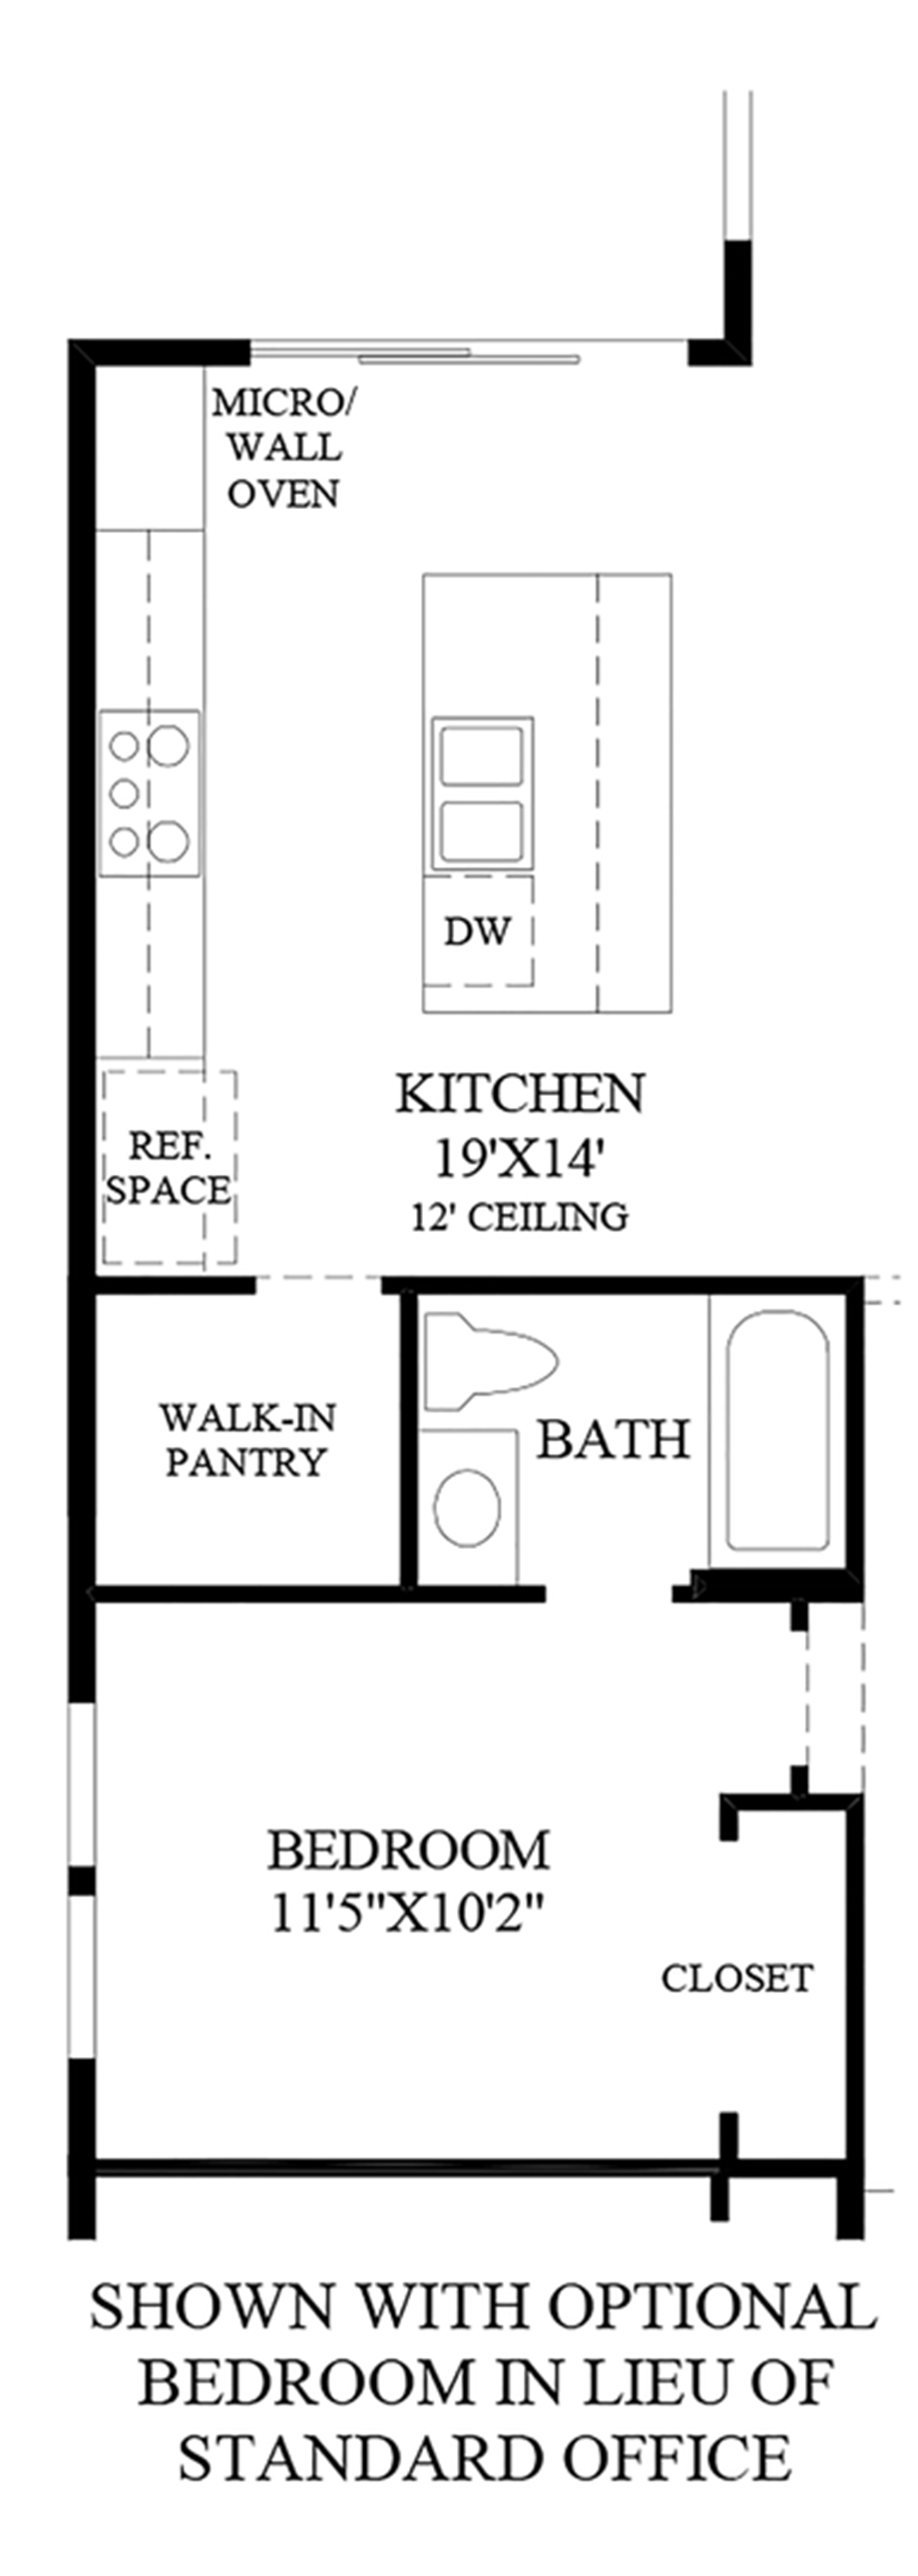 Optional Bedroom in lieu of Standard Office Floor Plan